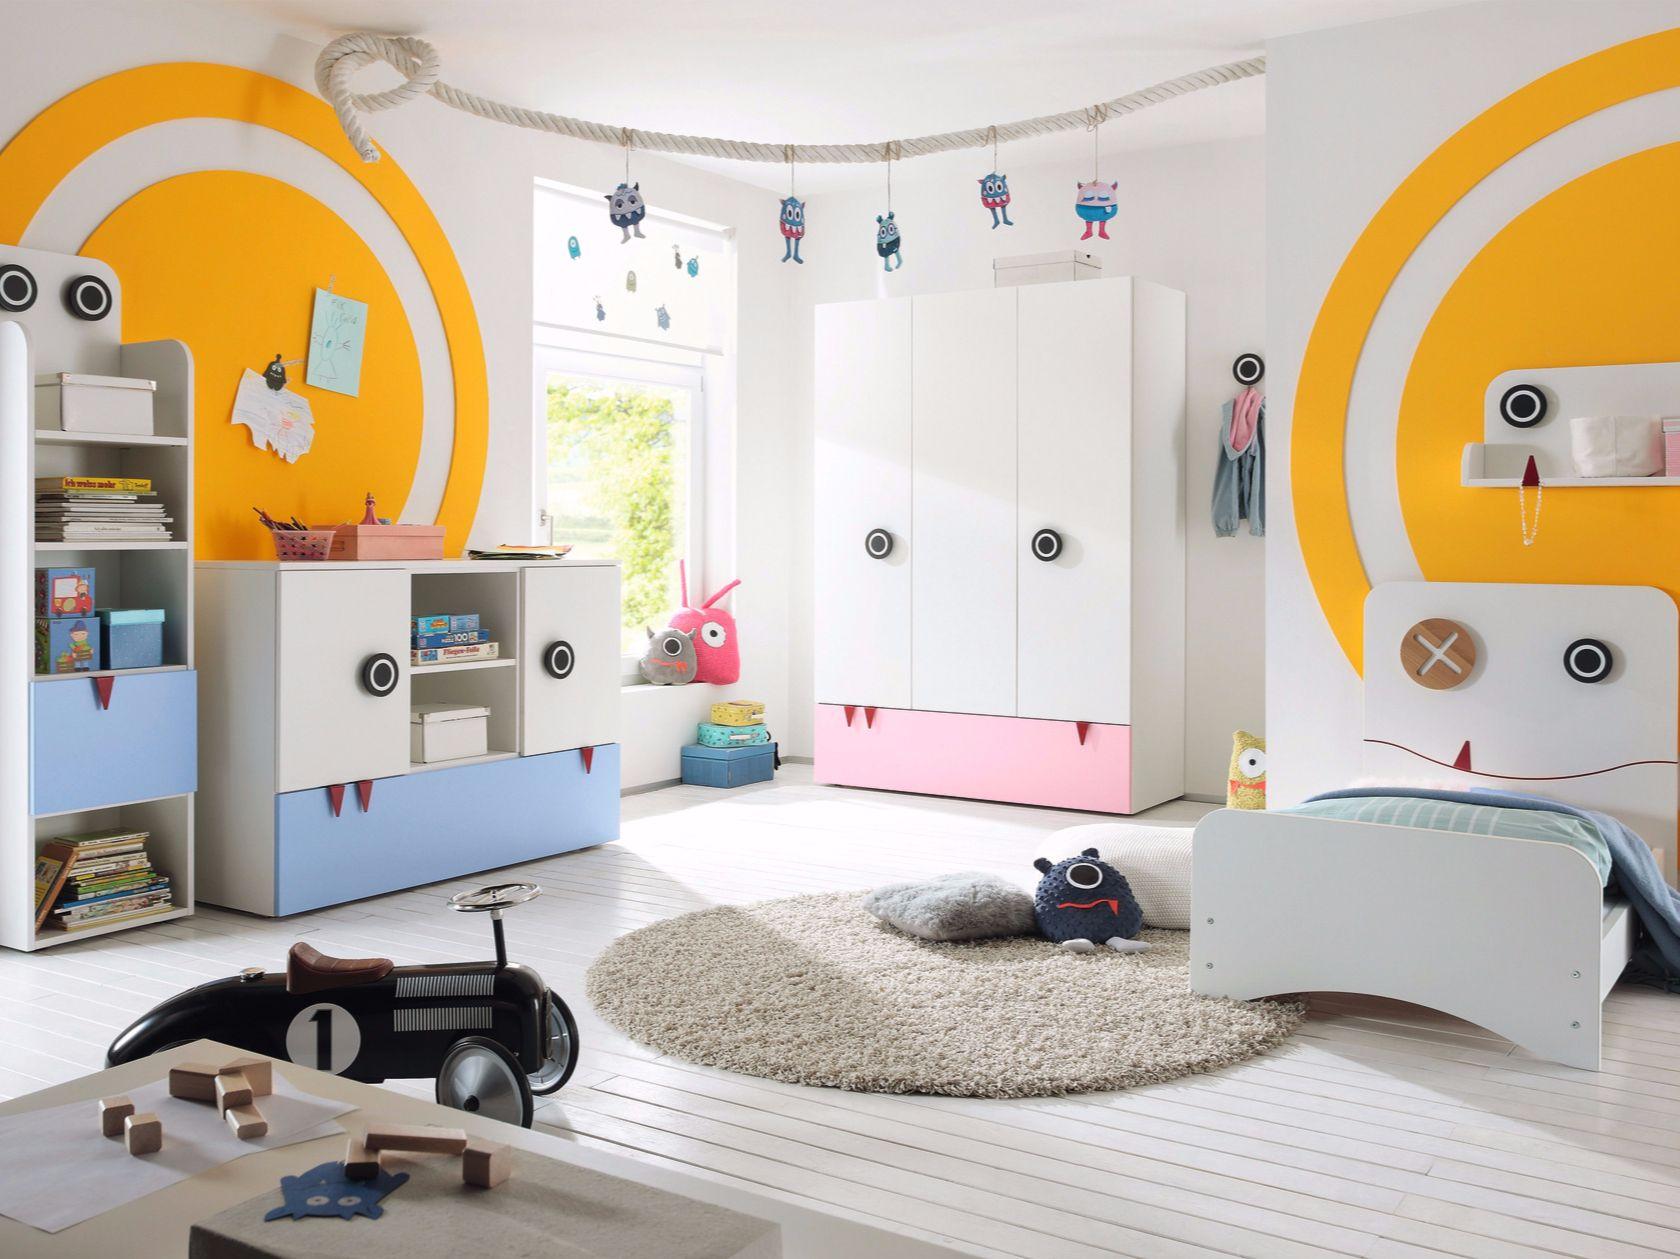 NOW! MINIMO Schlafzimmer für Jungen Kollektion Now! by